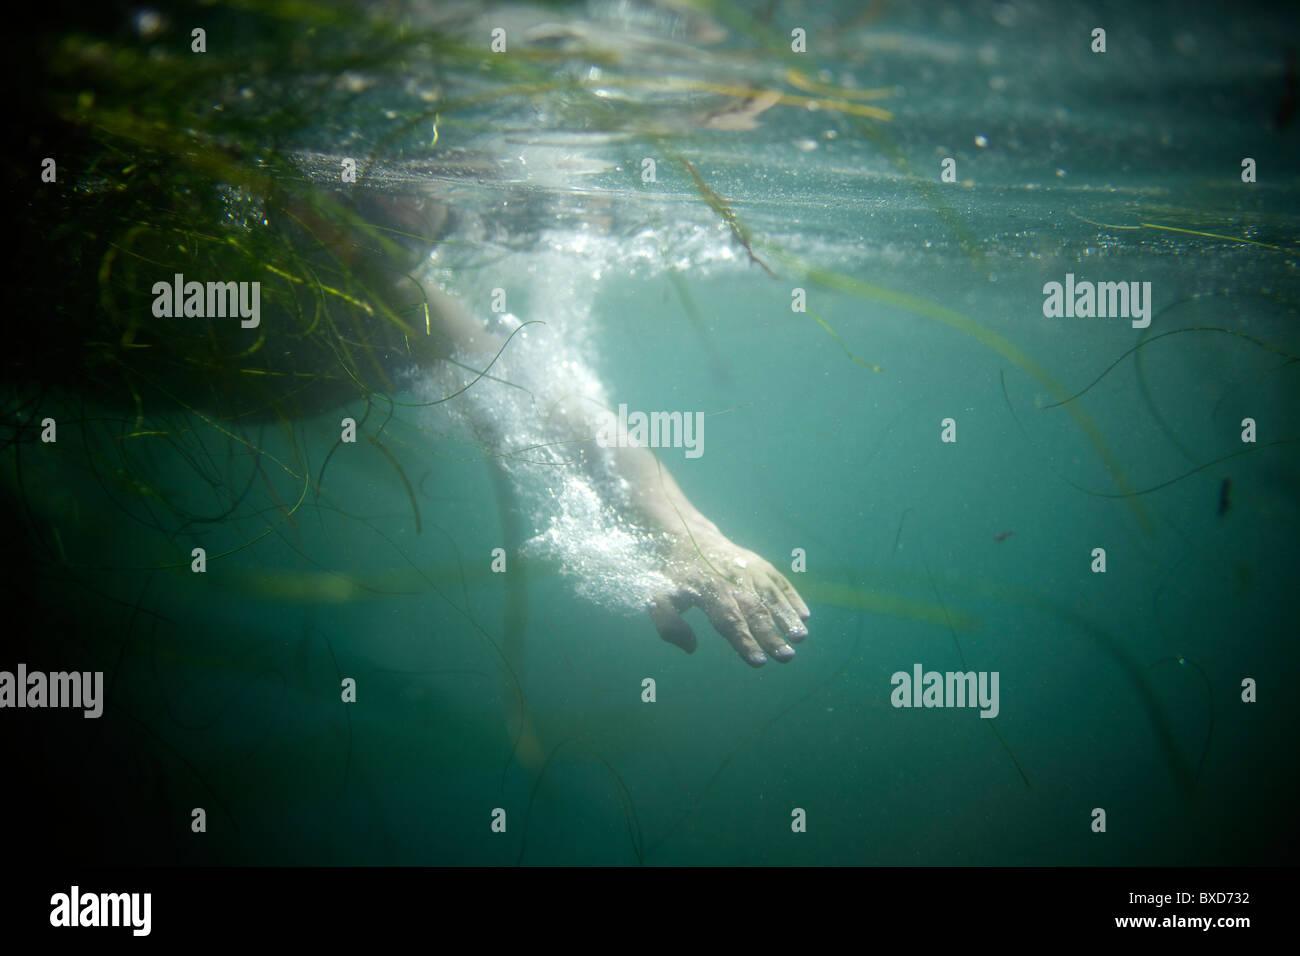 Filmación subacuática de la mano de un nadador junto a algas verdes. Imagen De Stock